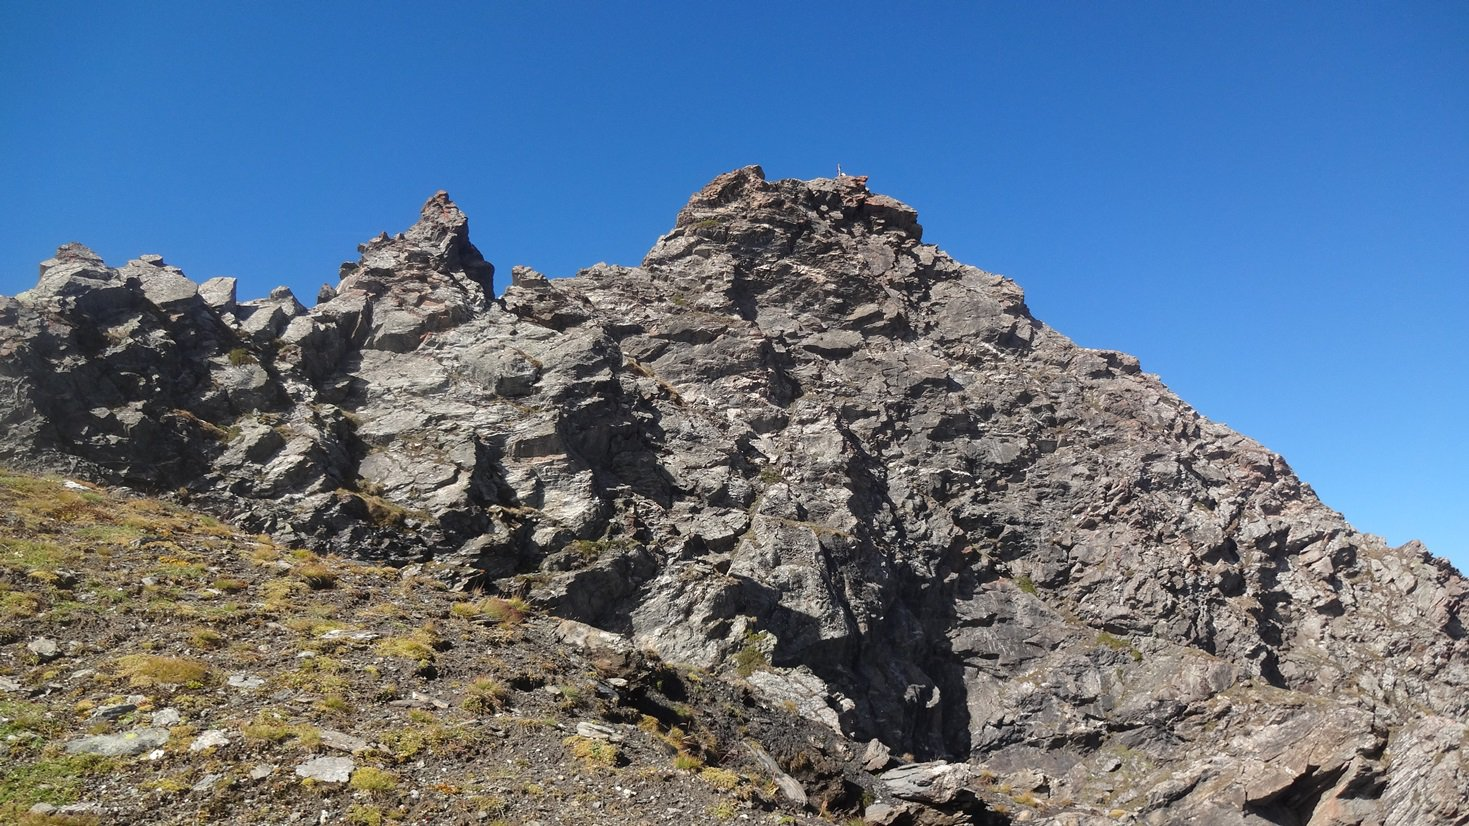 La vetta rocciosa